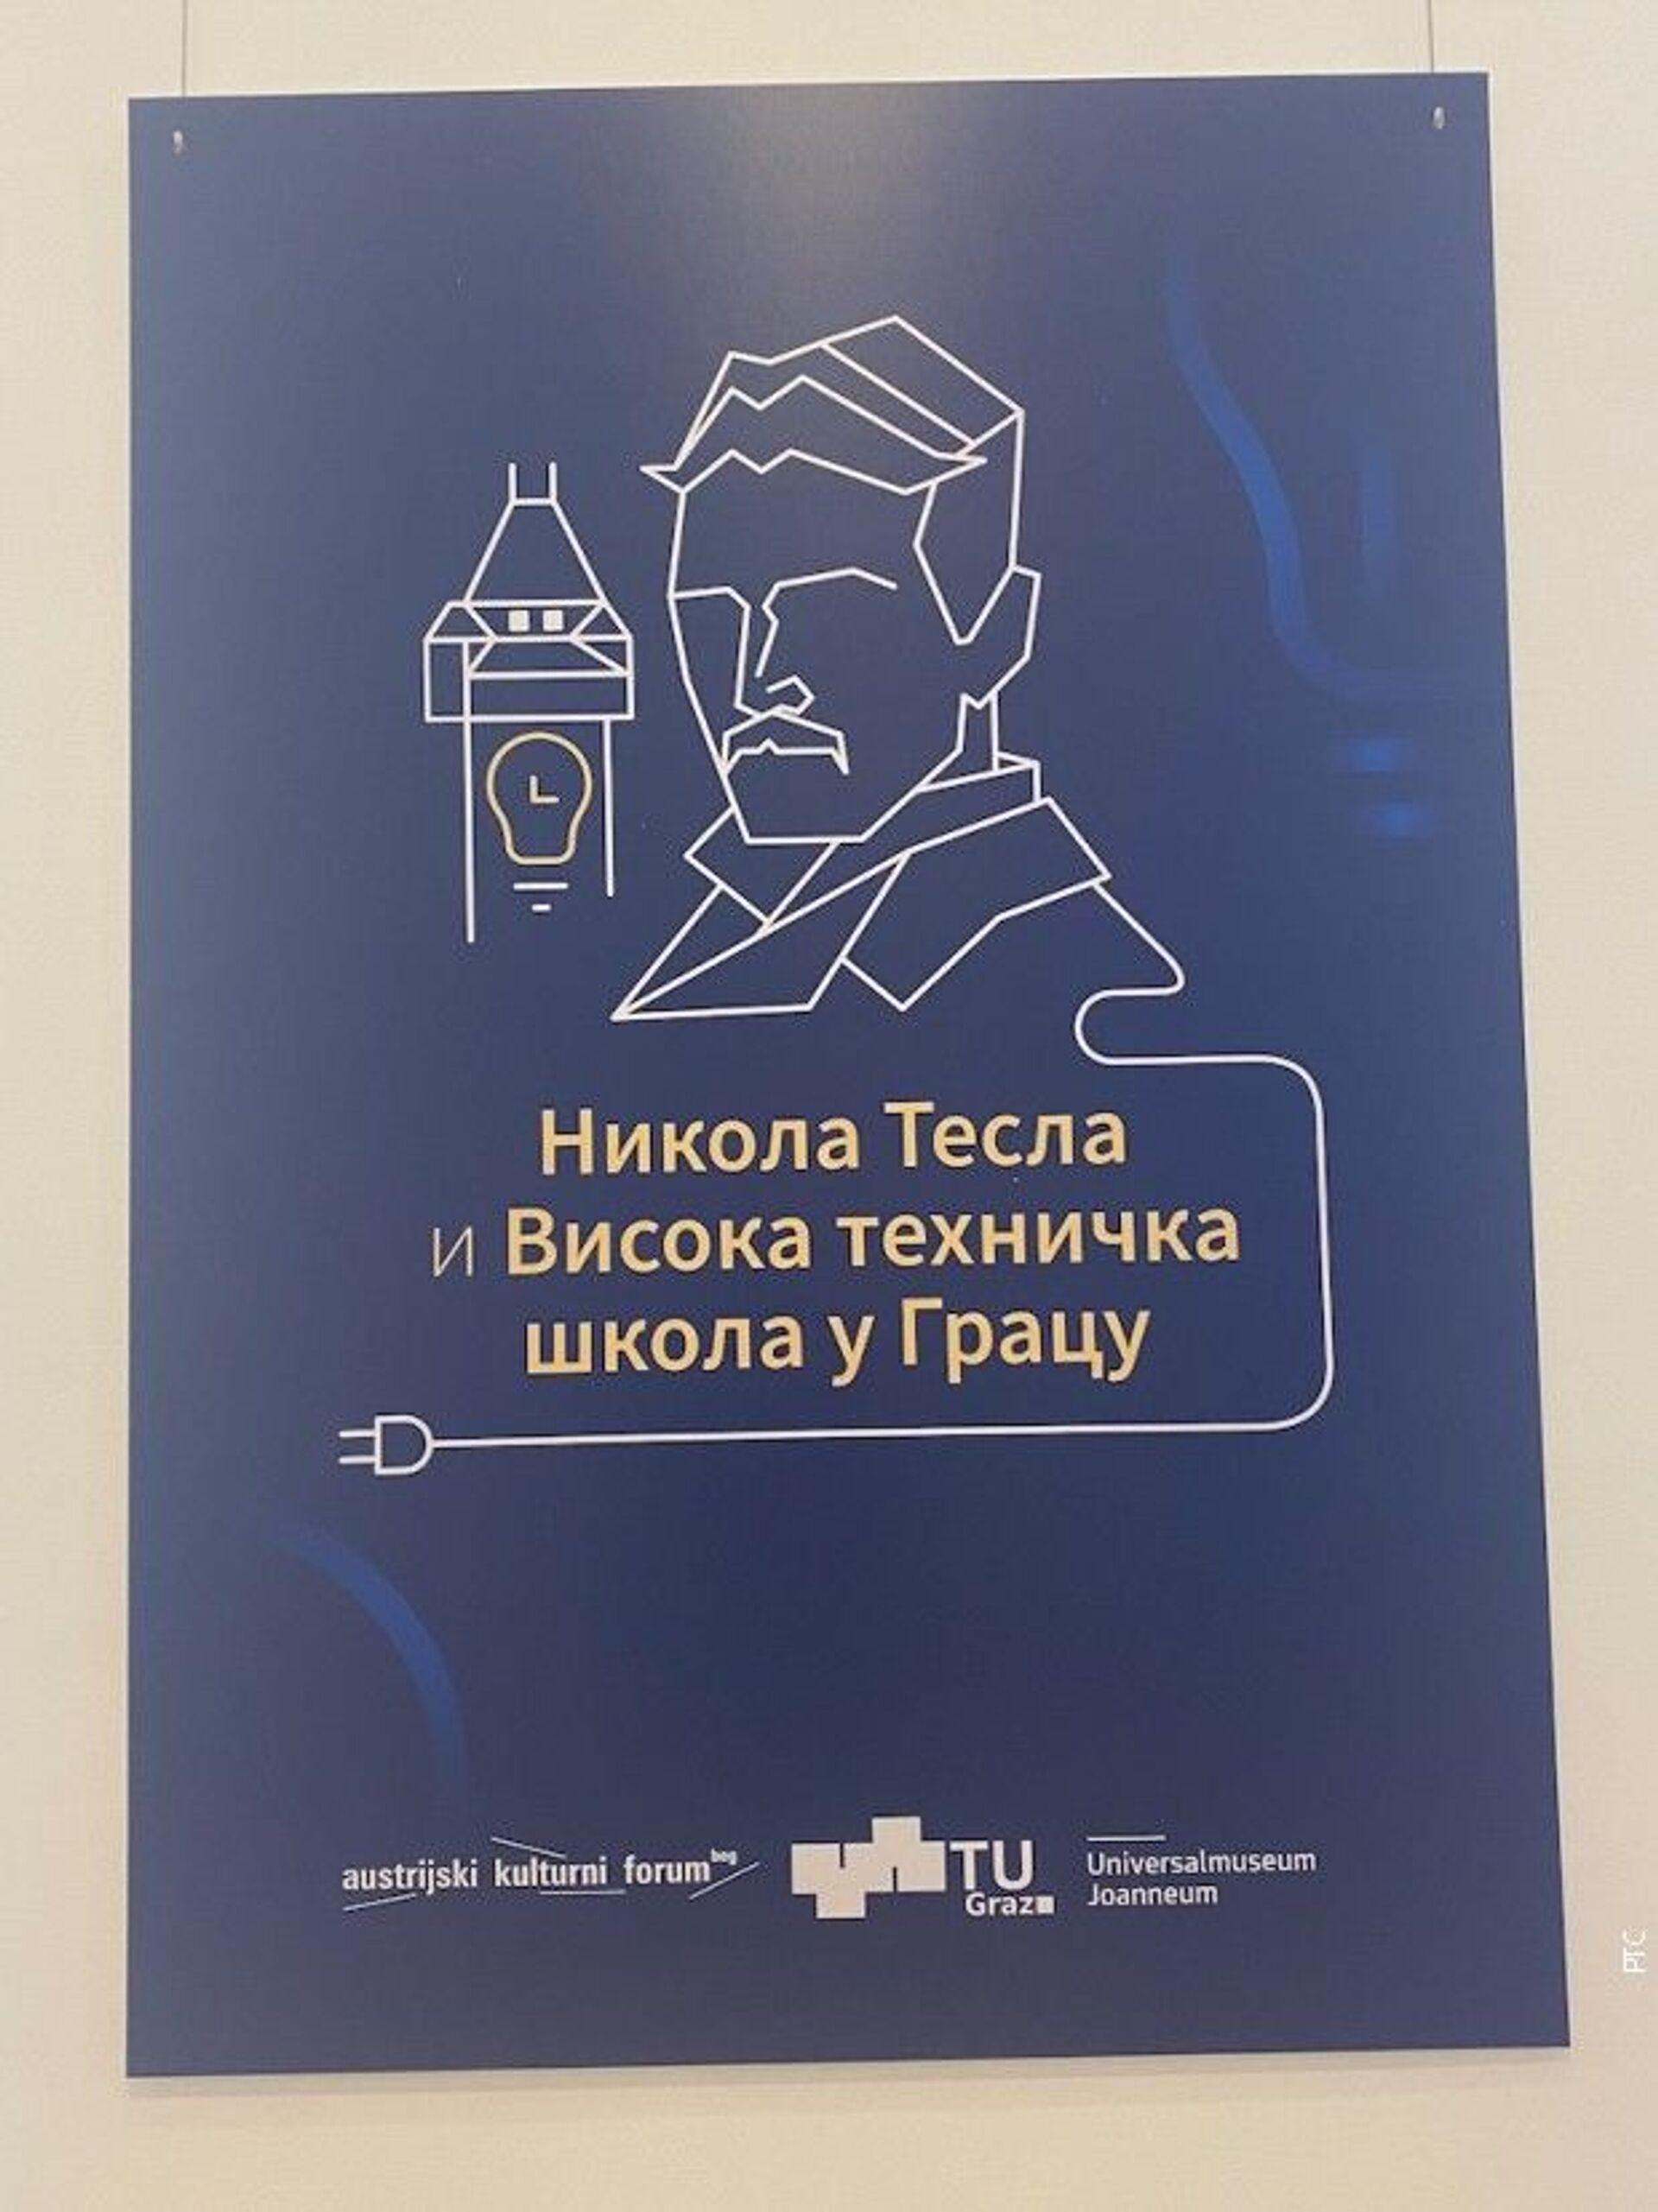 """Изложба """"Никола Тесла и Висока техничка школа у Грацу"""" биће отворена до 24. јула - Sputnik Србија, 1920, 13.07.2021"""